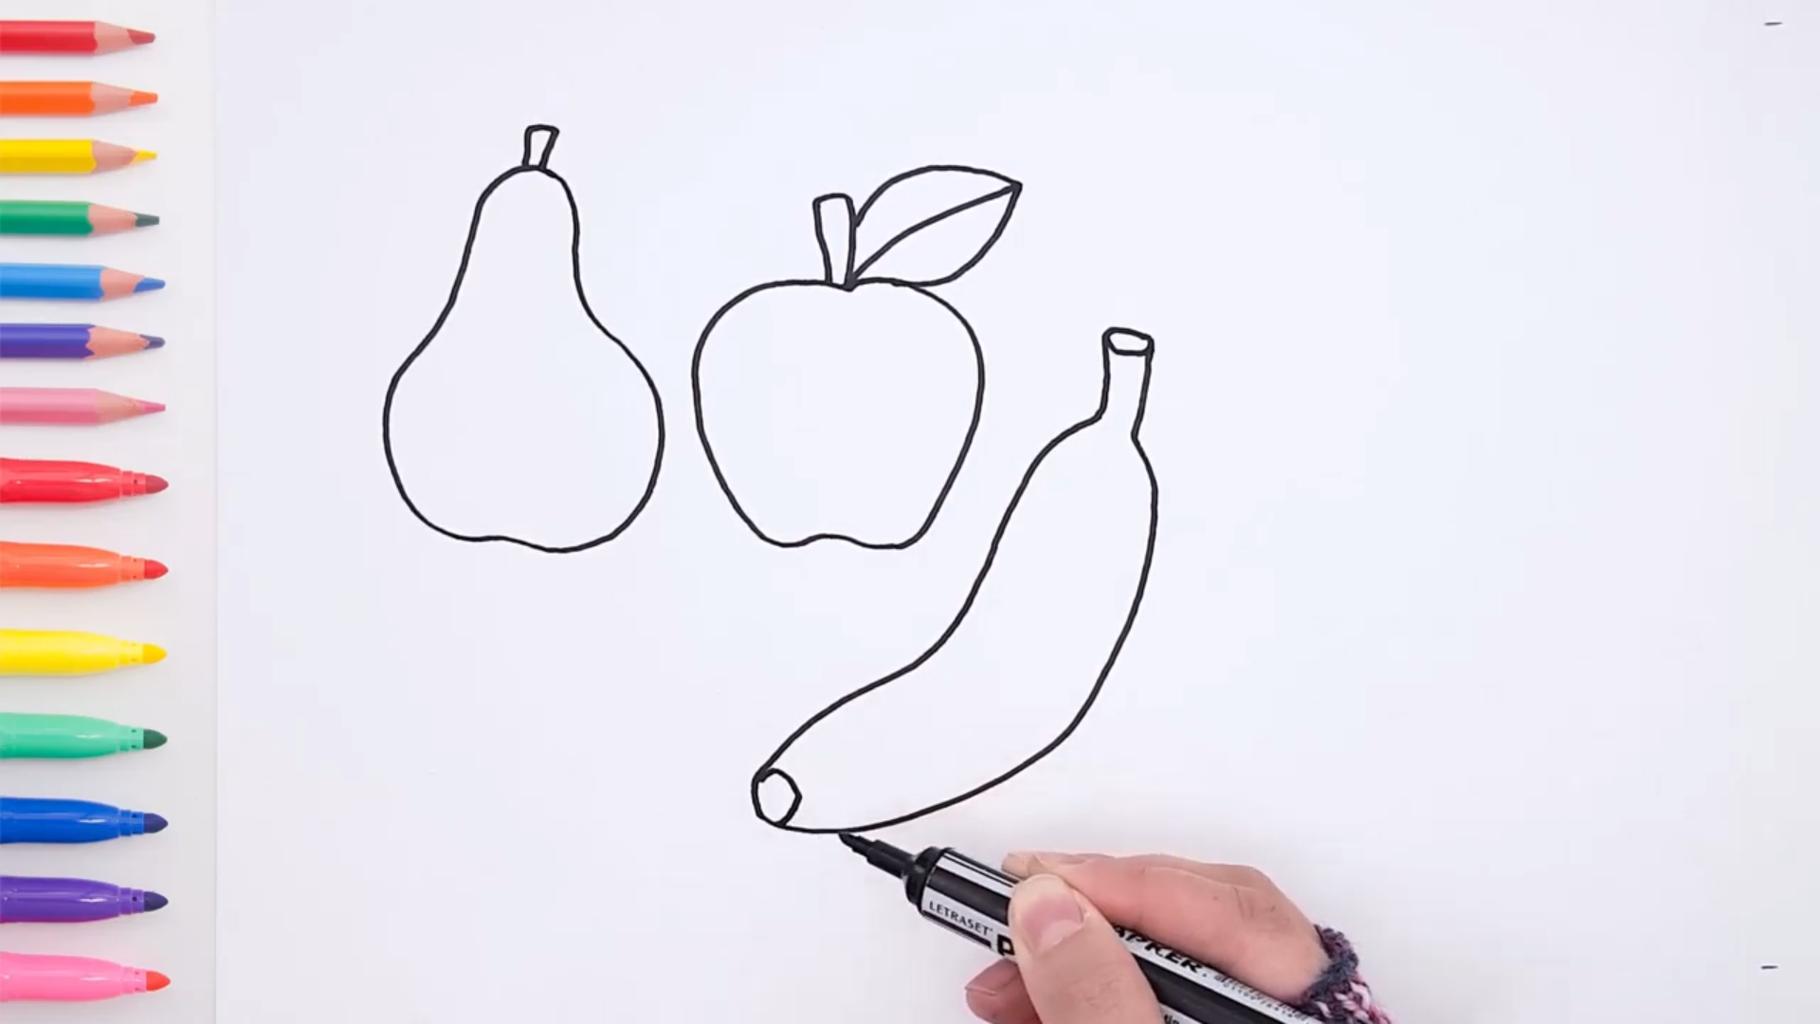 Draw the Banana